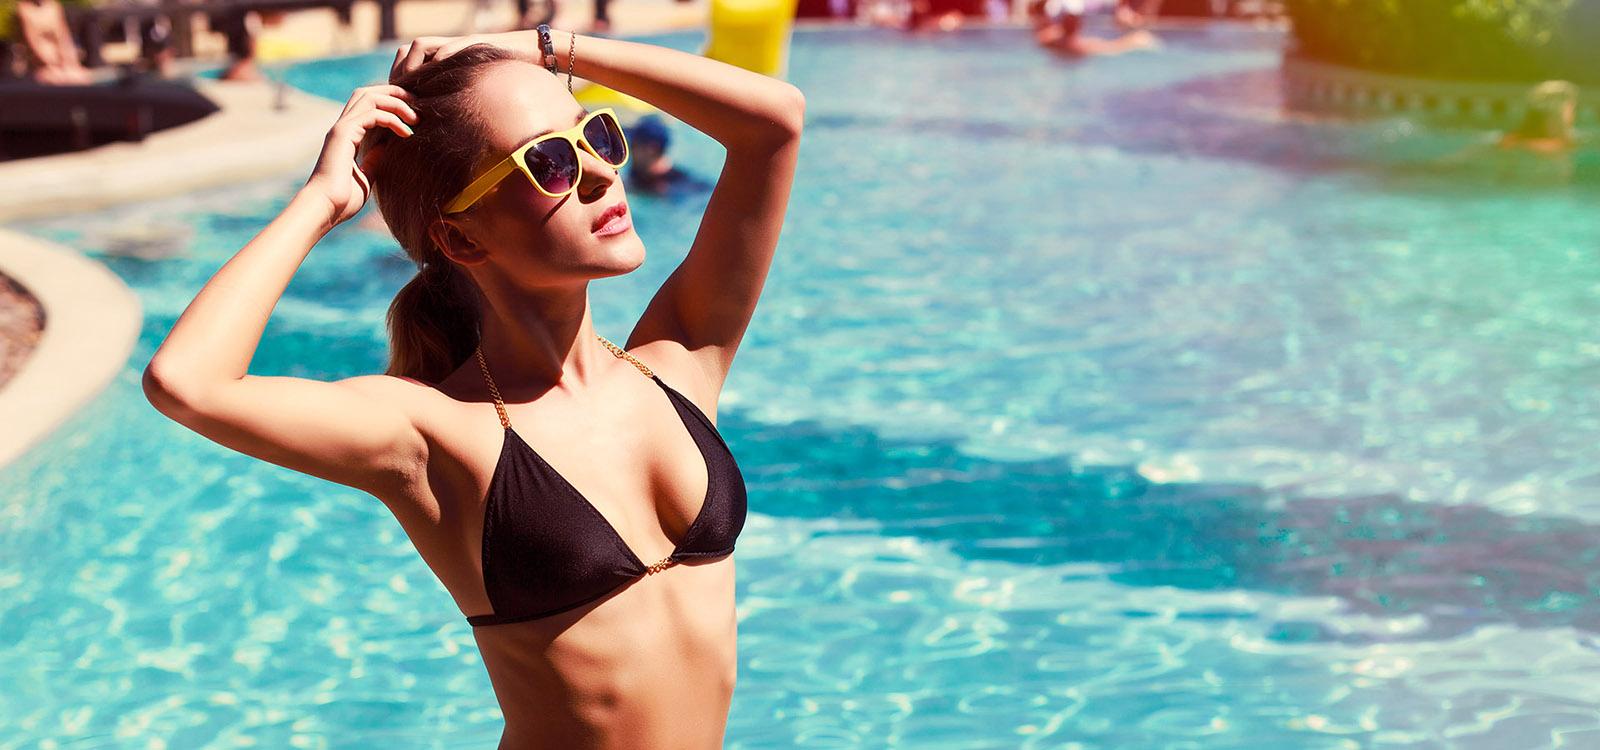 bikinigirlcrop